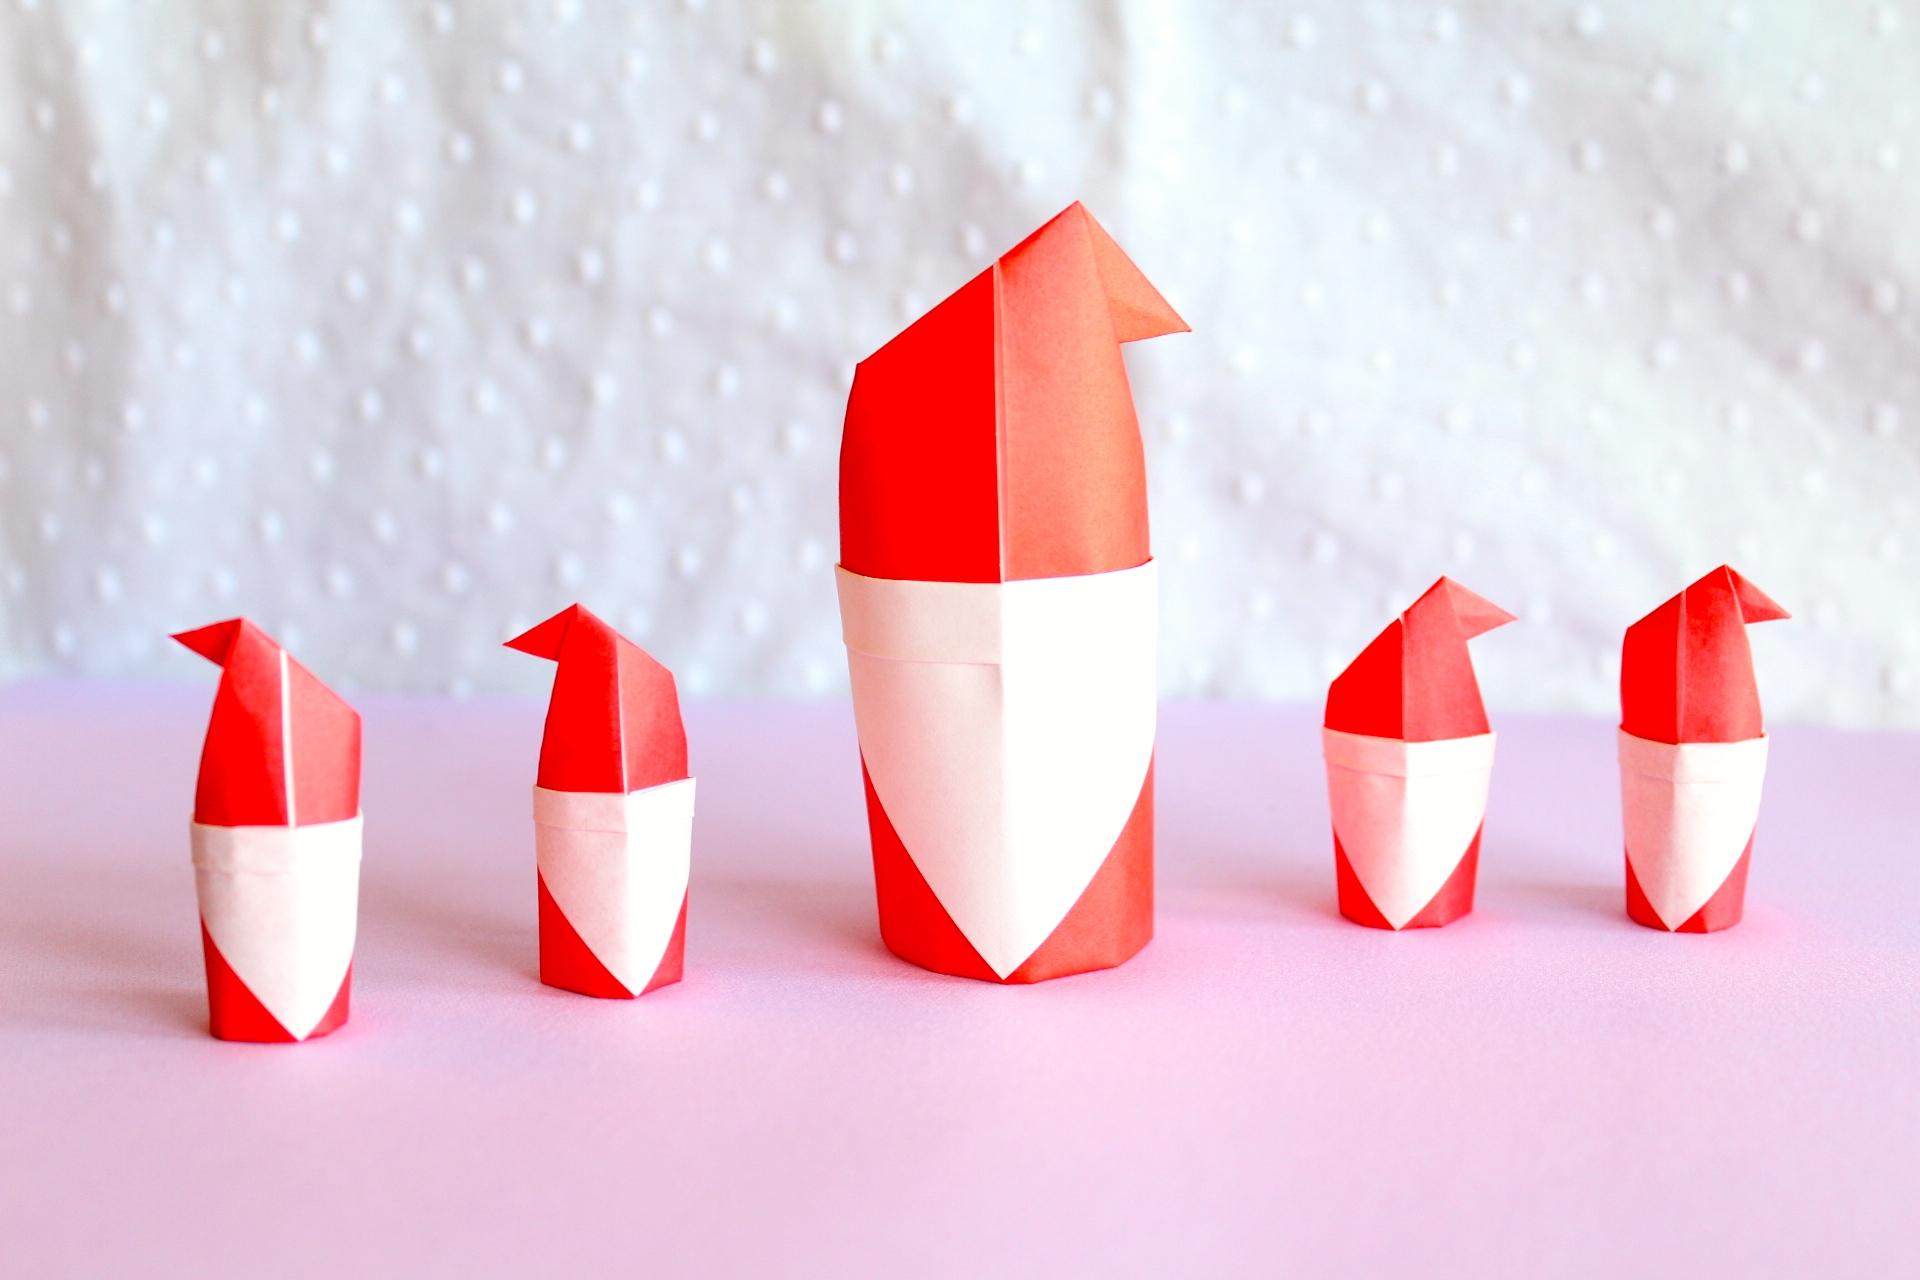 折り紙で立体的なサンタクロースの折り方